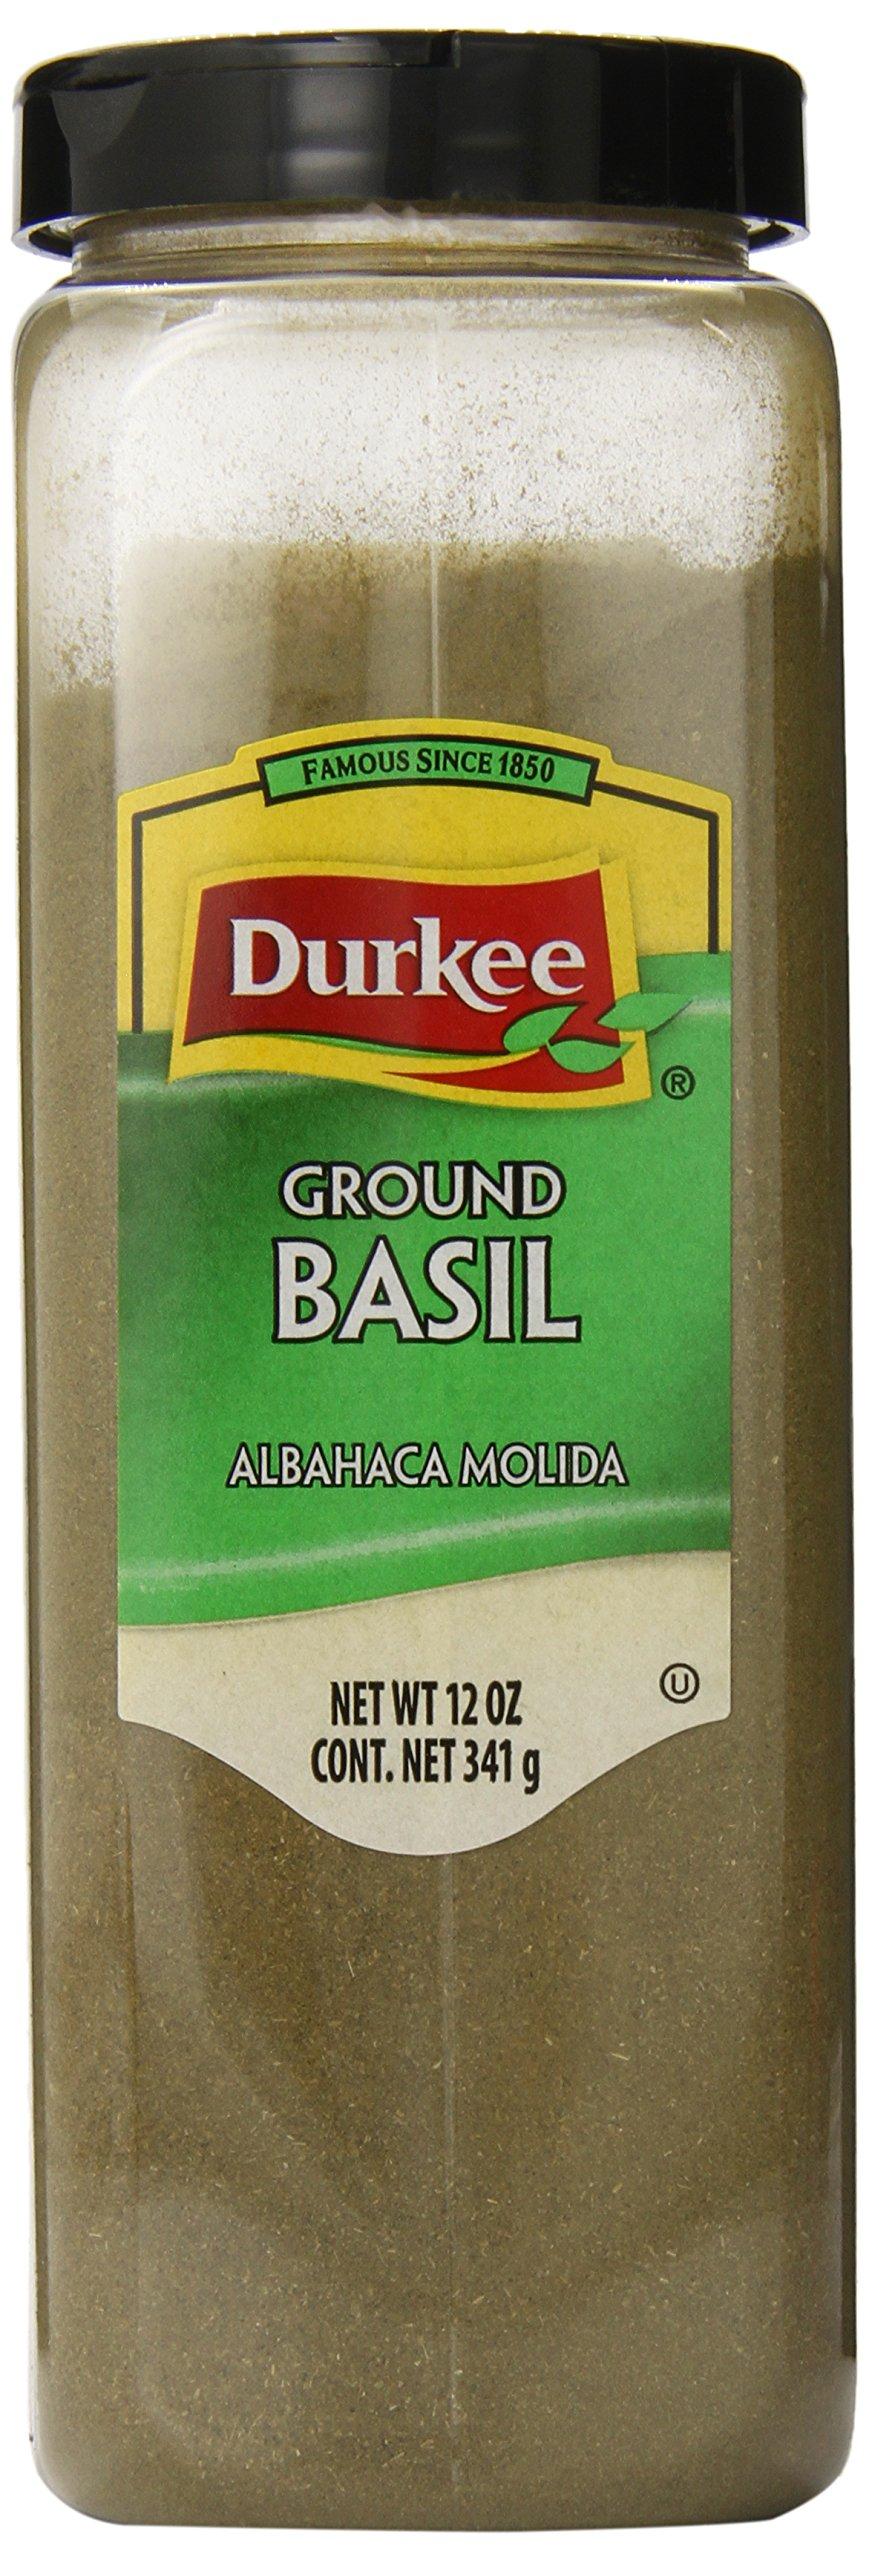 Durkee Ground Basil, 12-Ounce